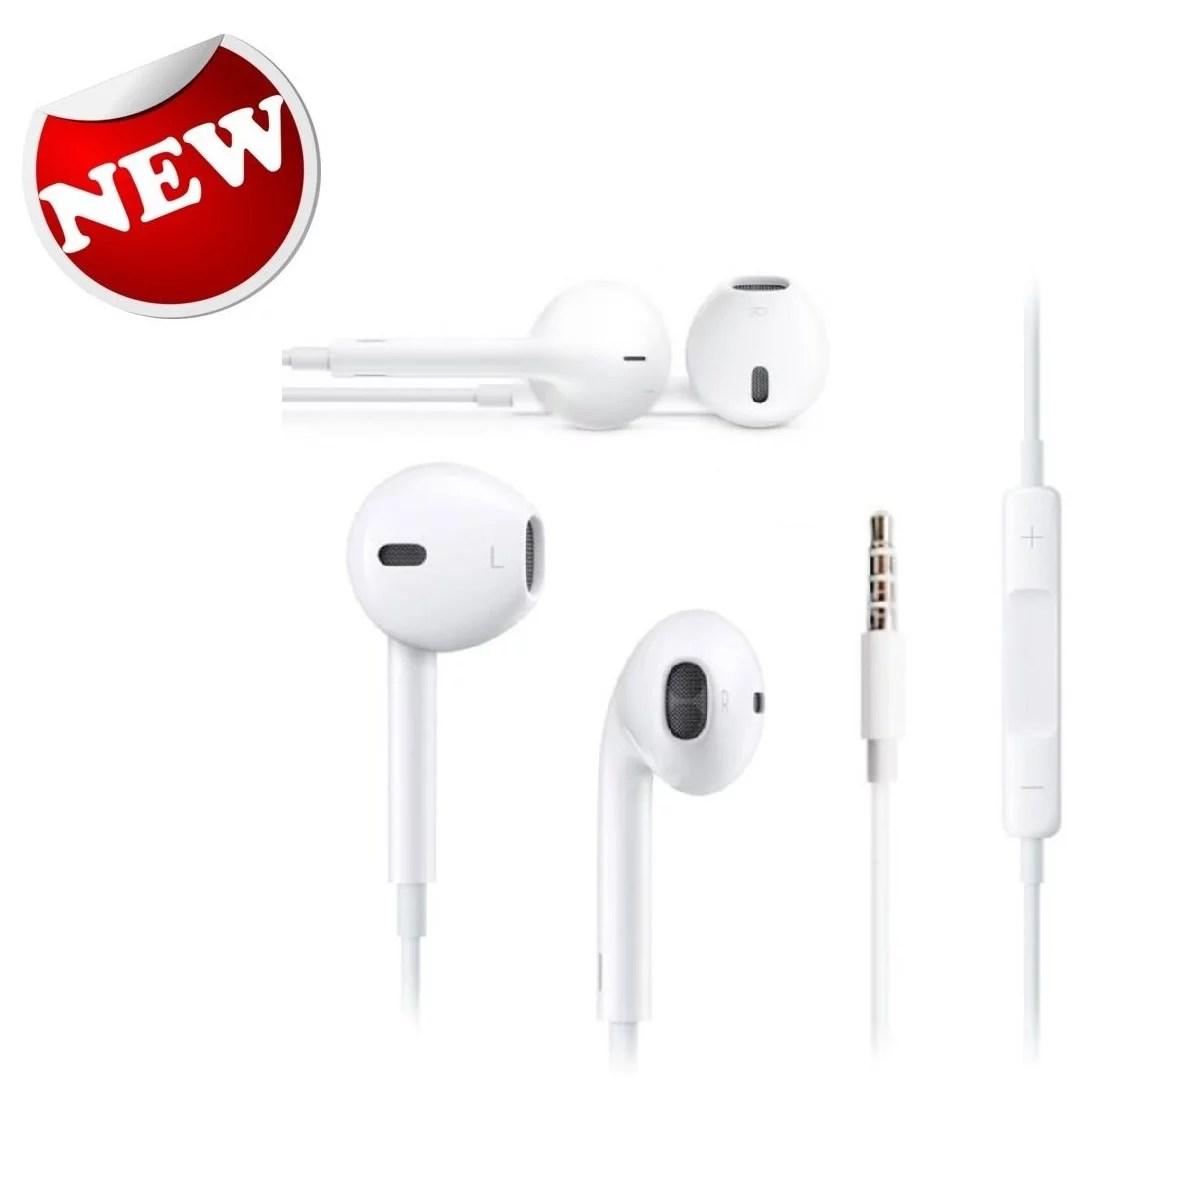 hight resolution of new original apple iphone 5 5s 6 6s earpods earphones headphones w remote mic walmart com